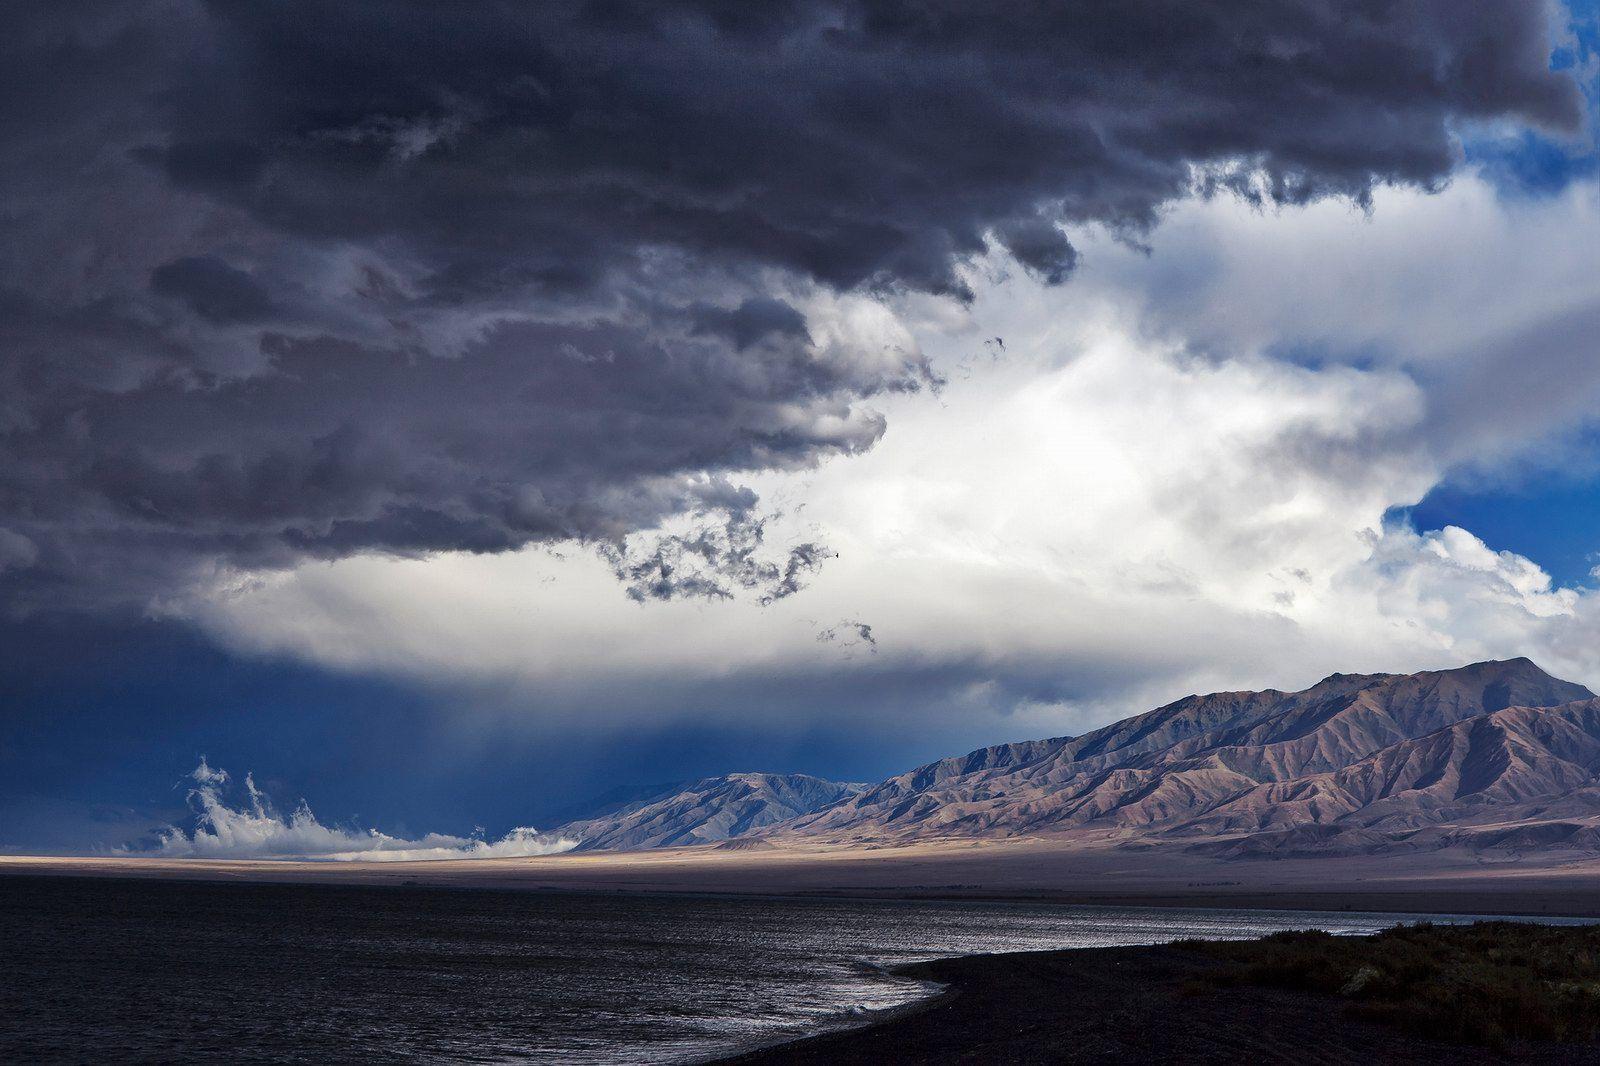 озеро алаколь казахстан фото жизнь данный сериал